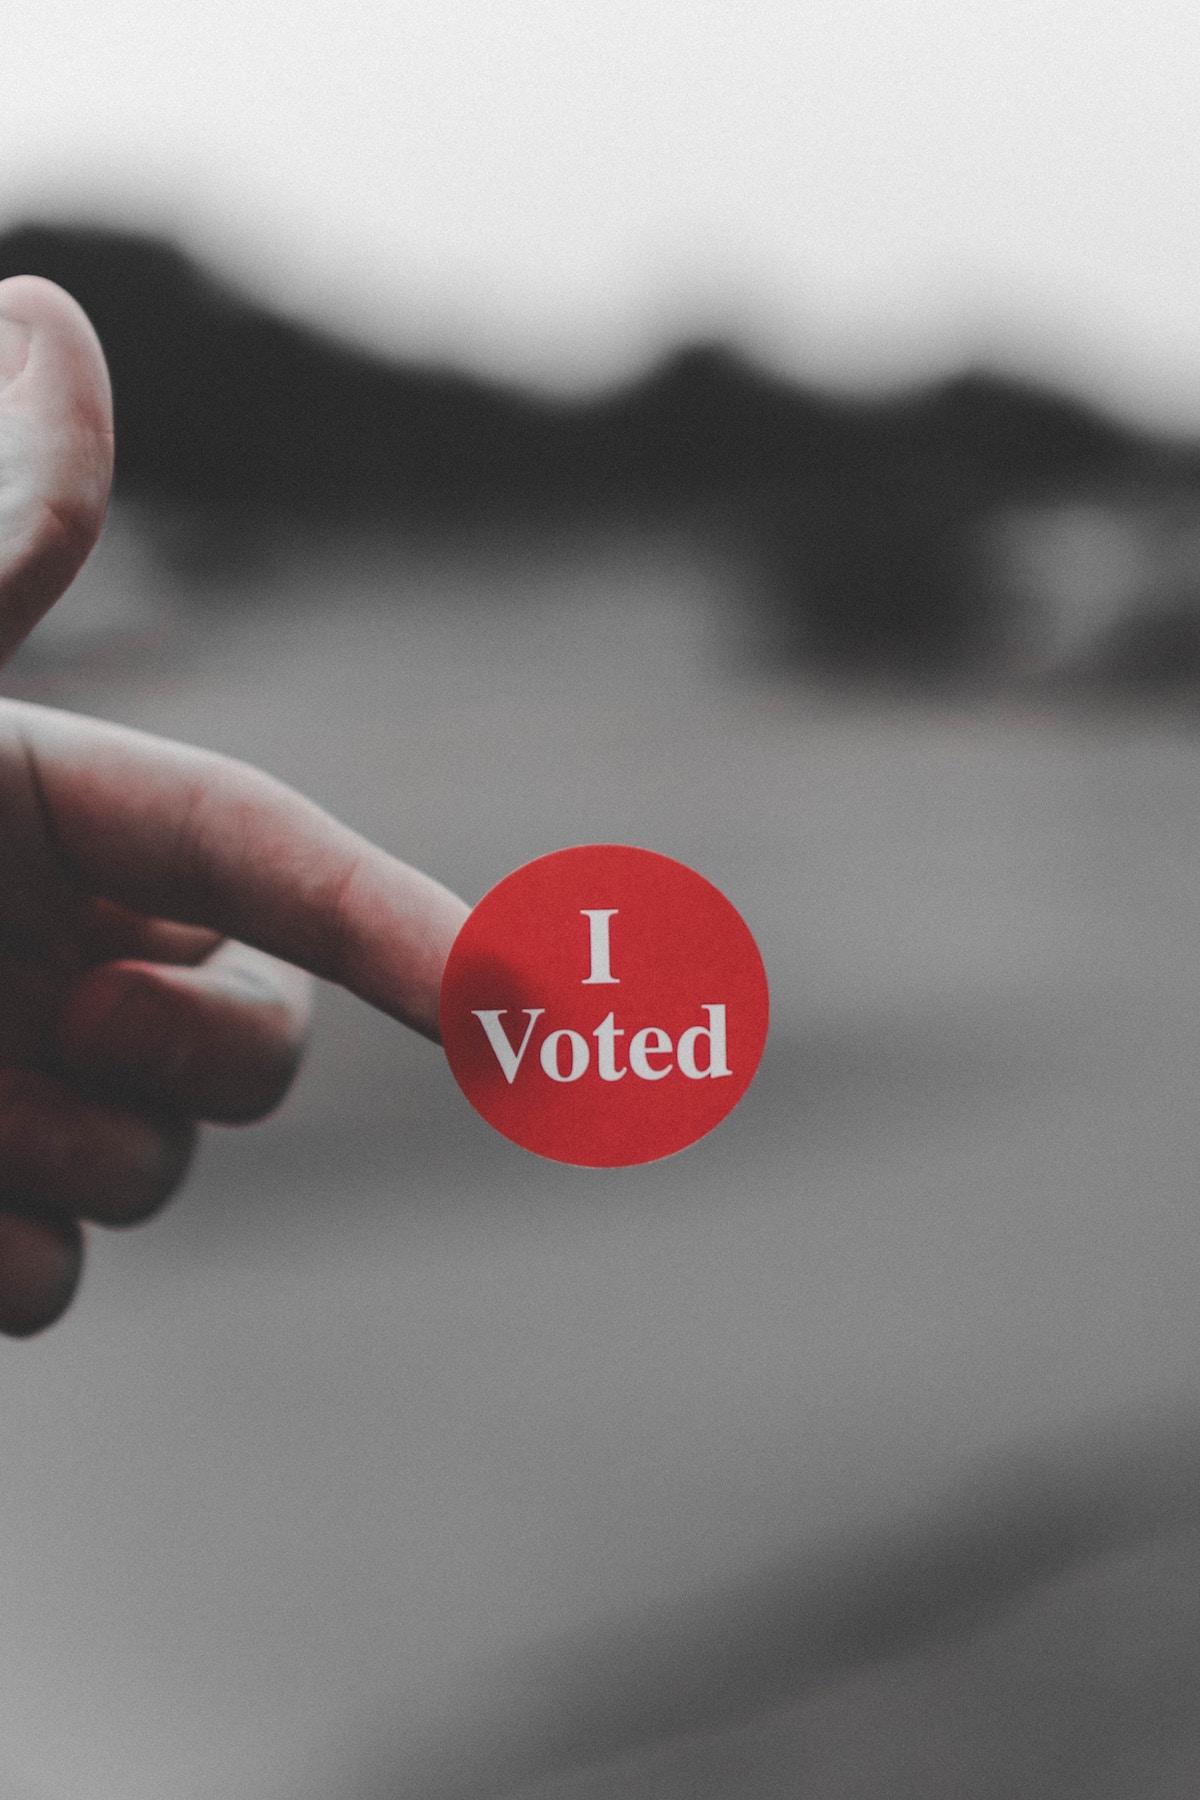 政治と私をむすぶ水路と私が投票に行くようになった理由